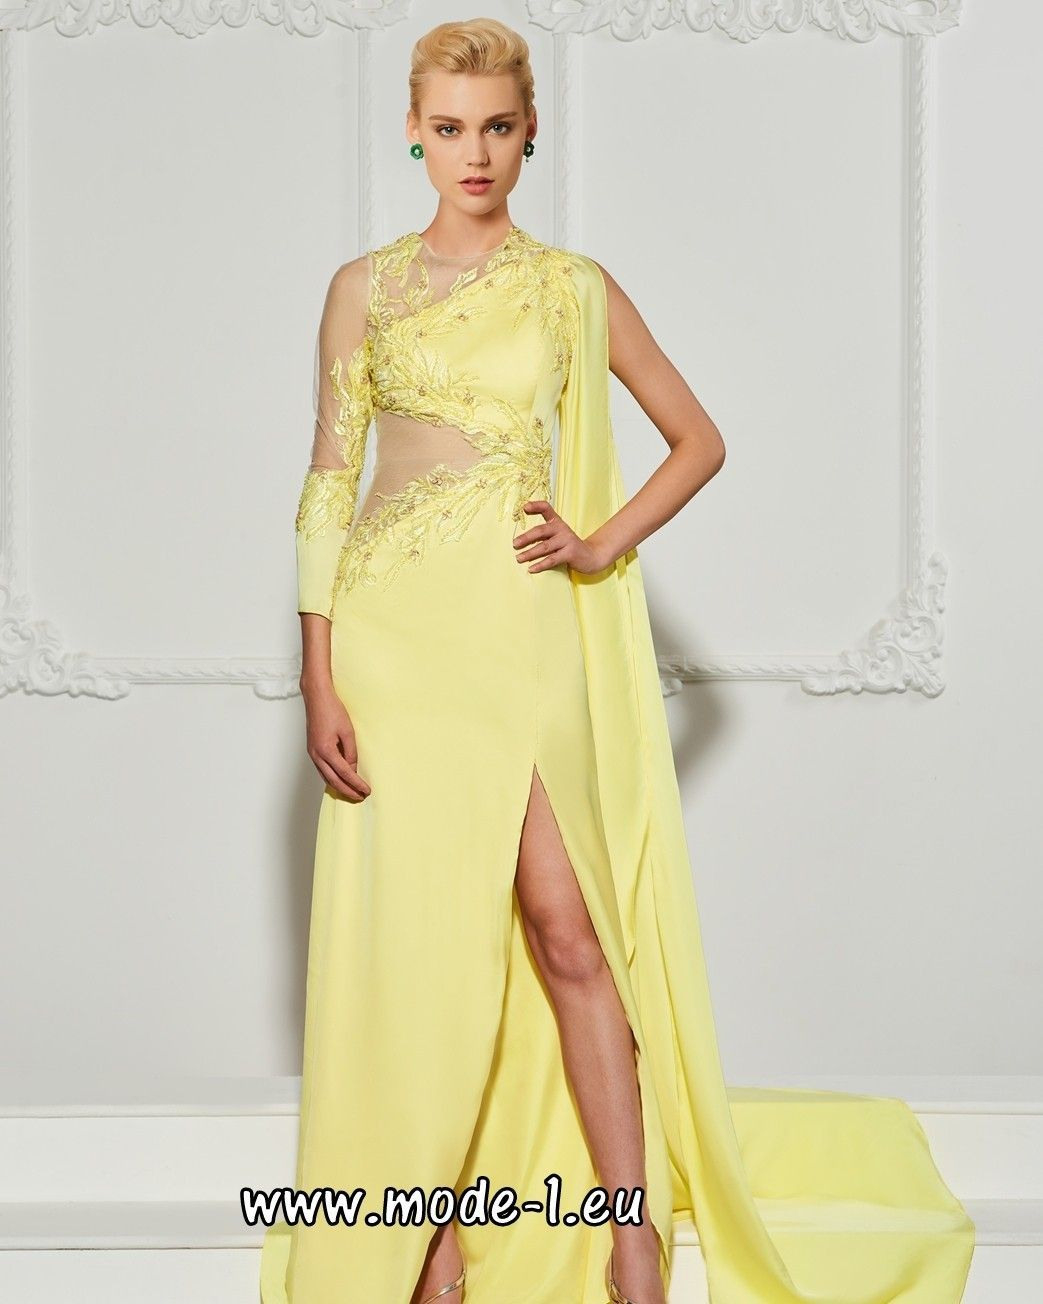 15 Coolste Abend Kleider In Gelb Ärmel15 Wunderbar Abend Kleider In Gelb Vertrieb